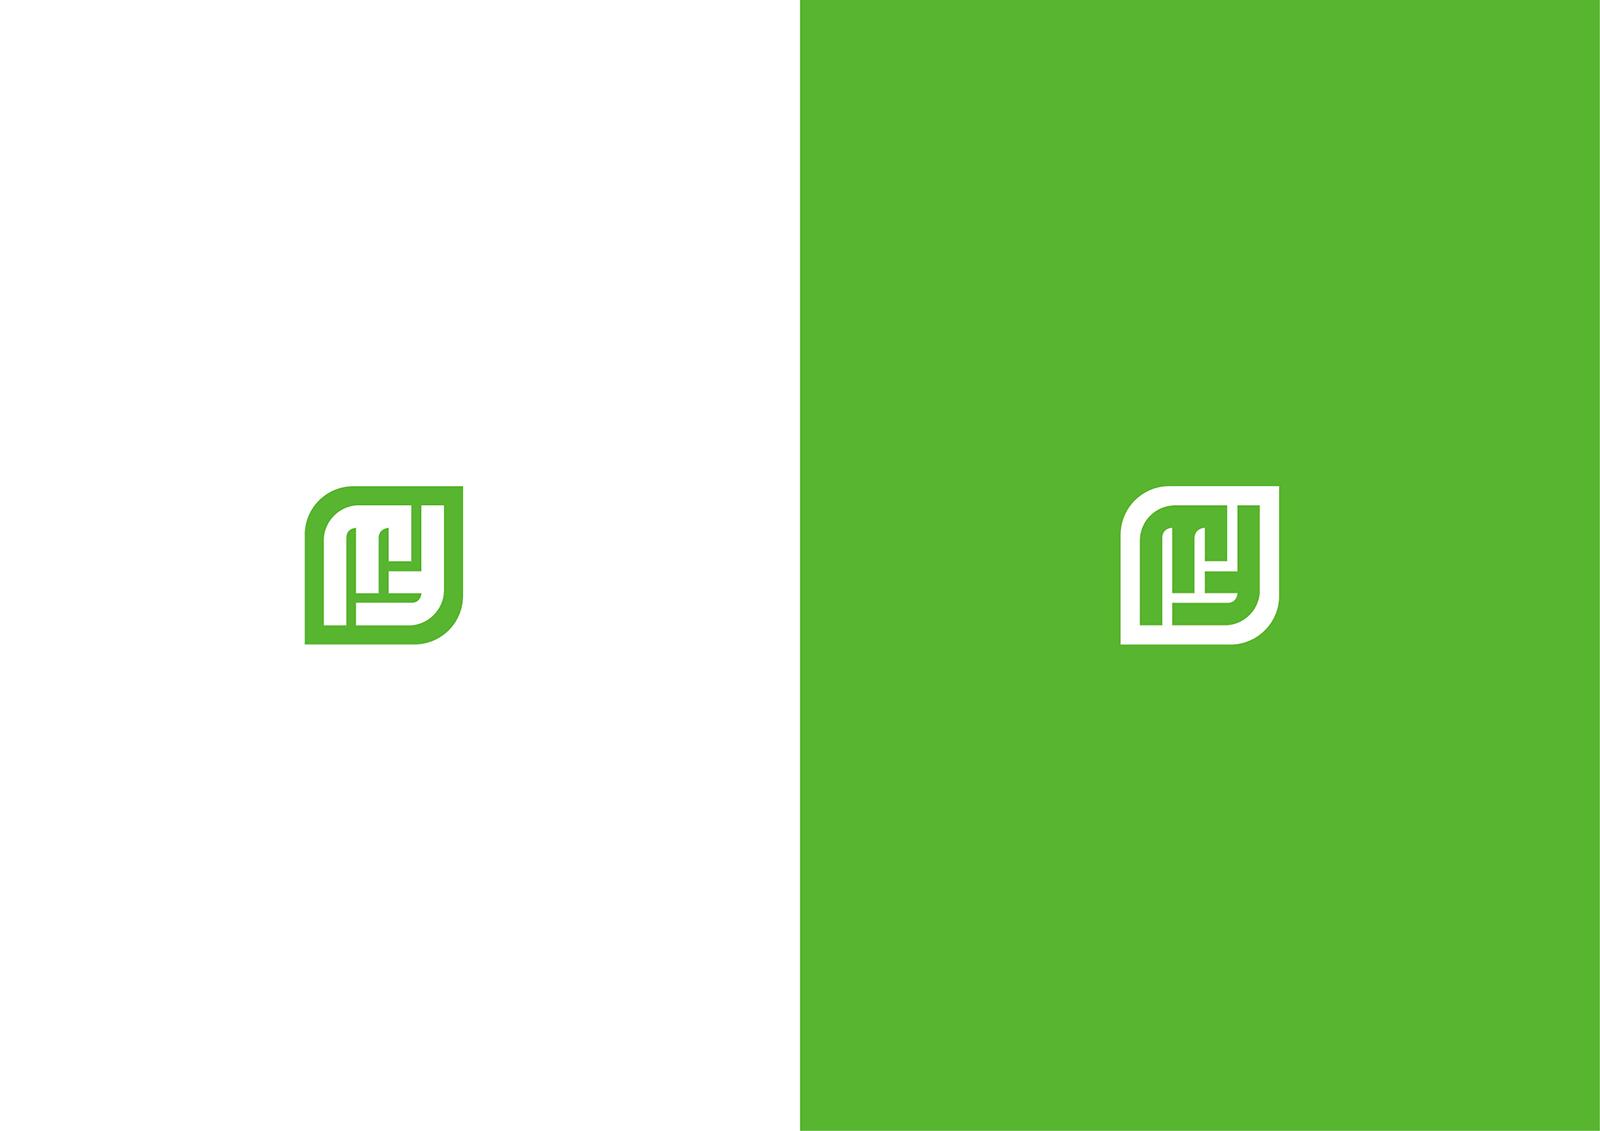 MEFAR铭丰包装品牌形象设计优化提升-深圳VI设计